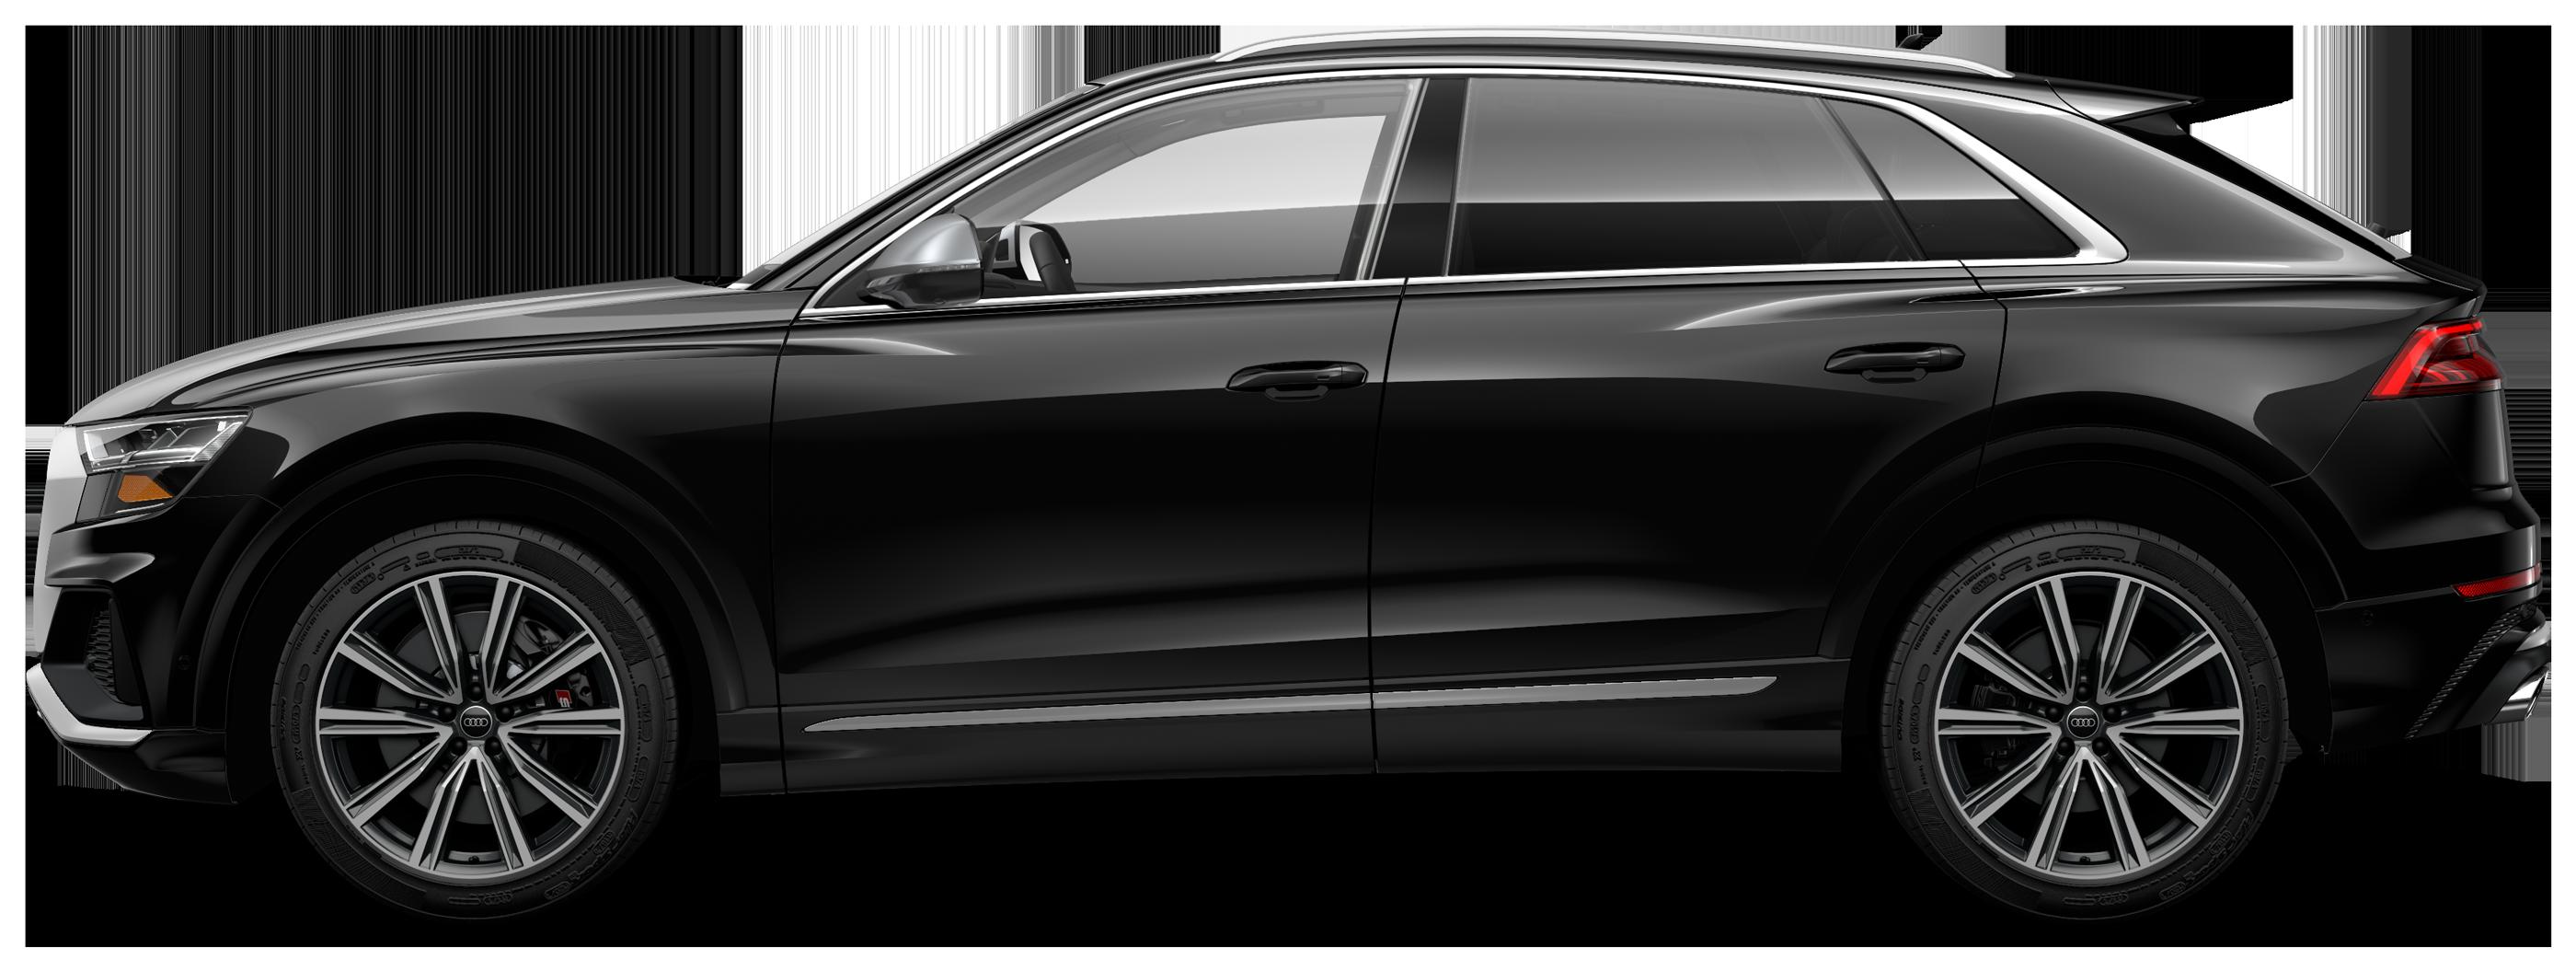 2022 Audi SQ8 SUV 4.0T Premium Plus